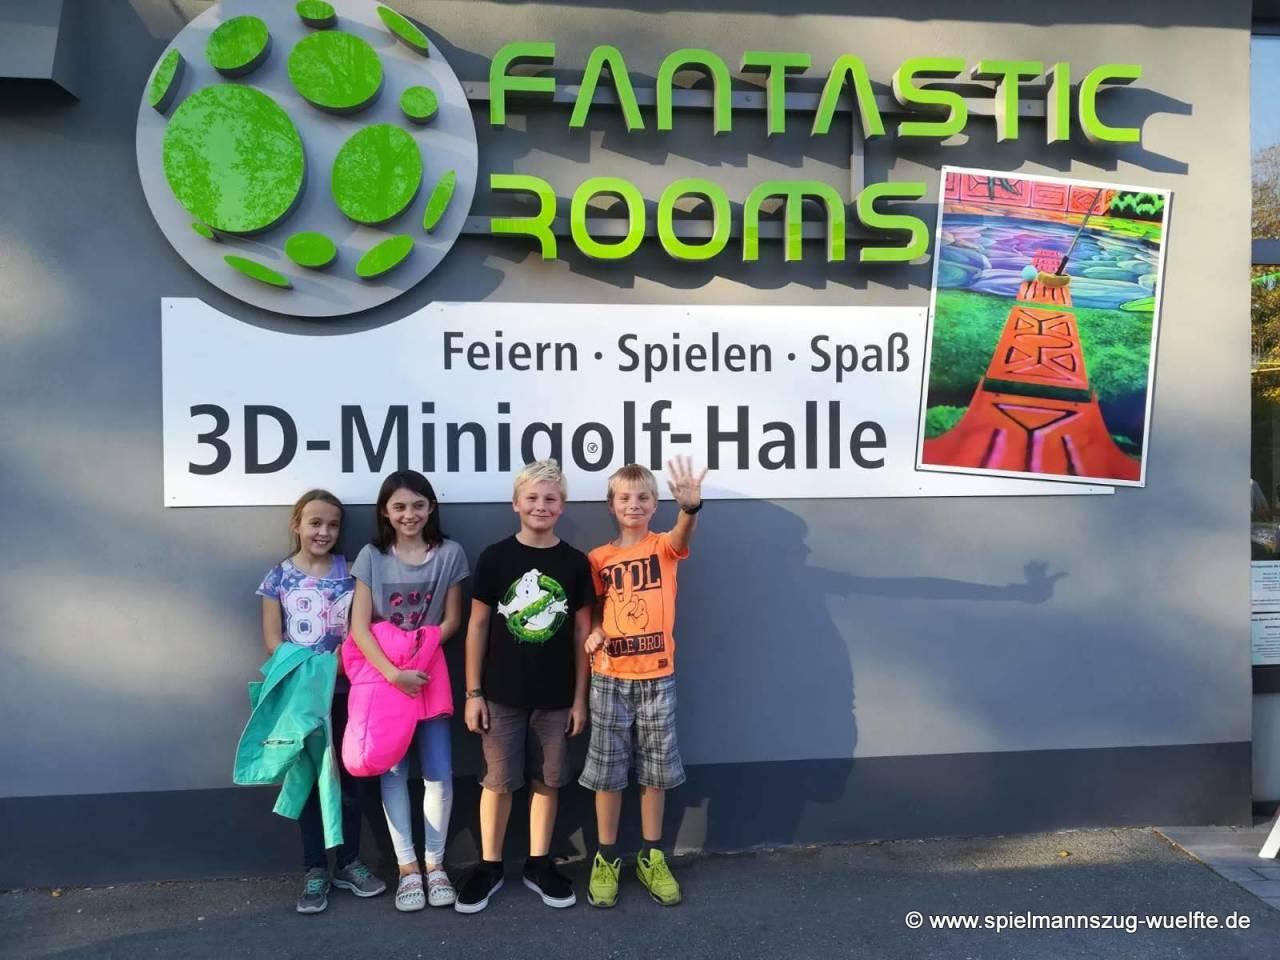 Unsere Nachwuchsmusiker haben sich eine Belohnung verdient und besuchten mit ihren Ausbidern die 3D-Minigolf-Halle.